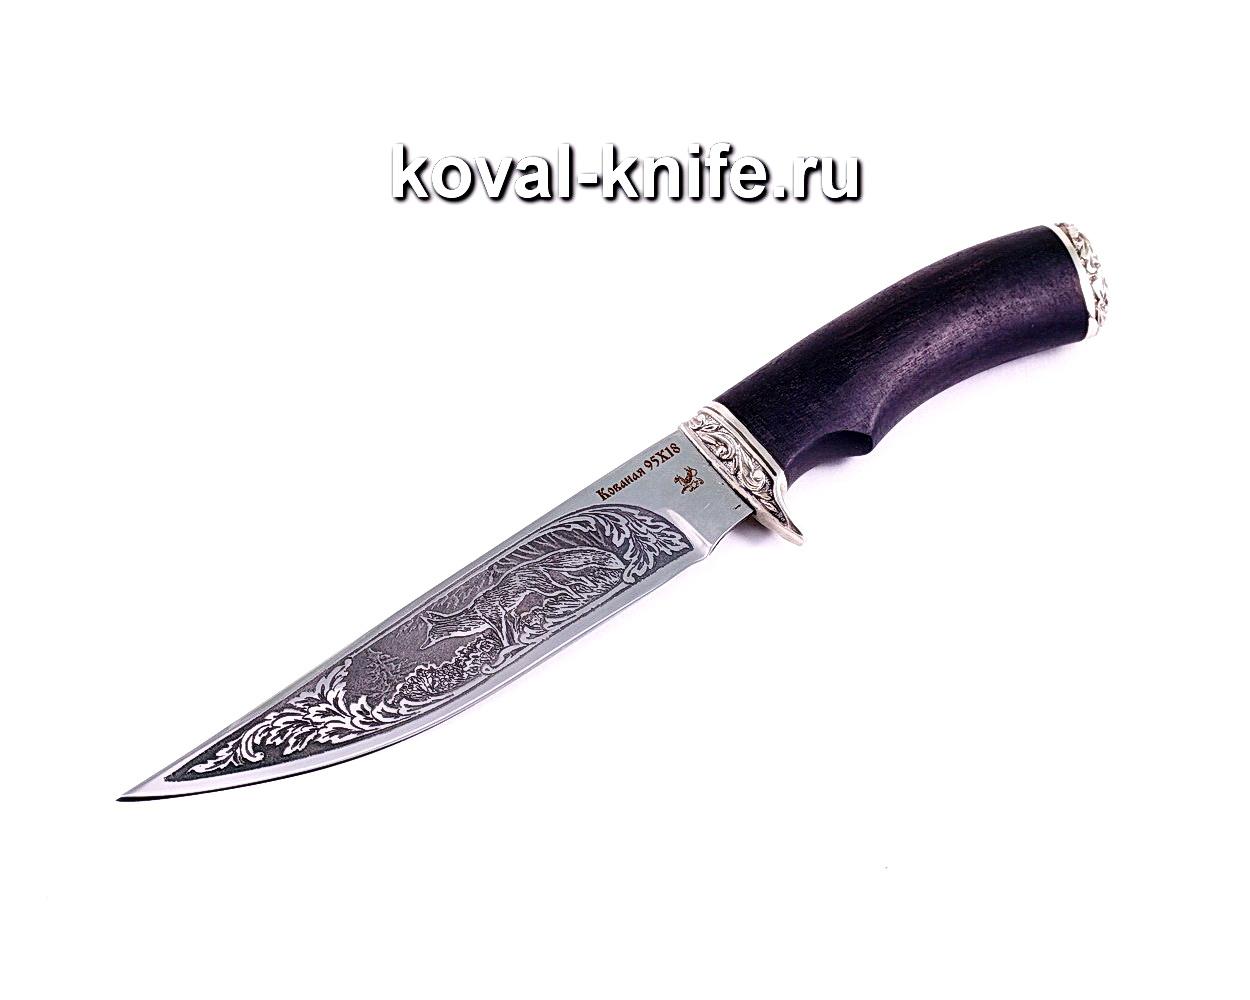 Нож Лис (сталь 95х18), рукоять граб, литье A011